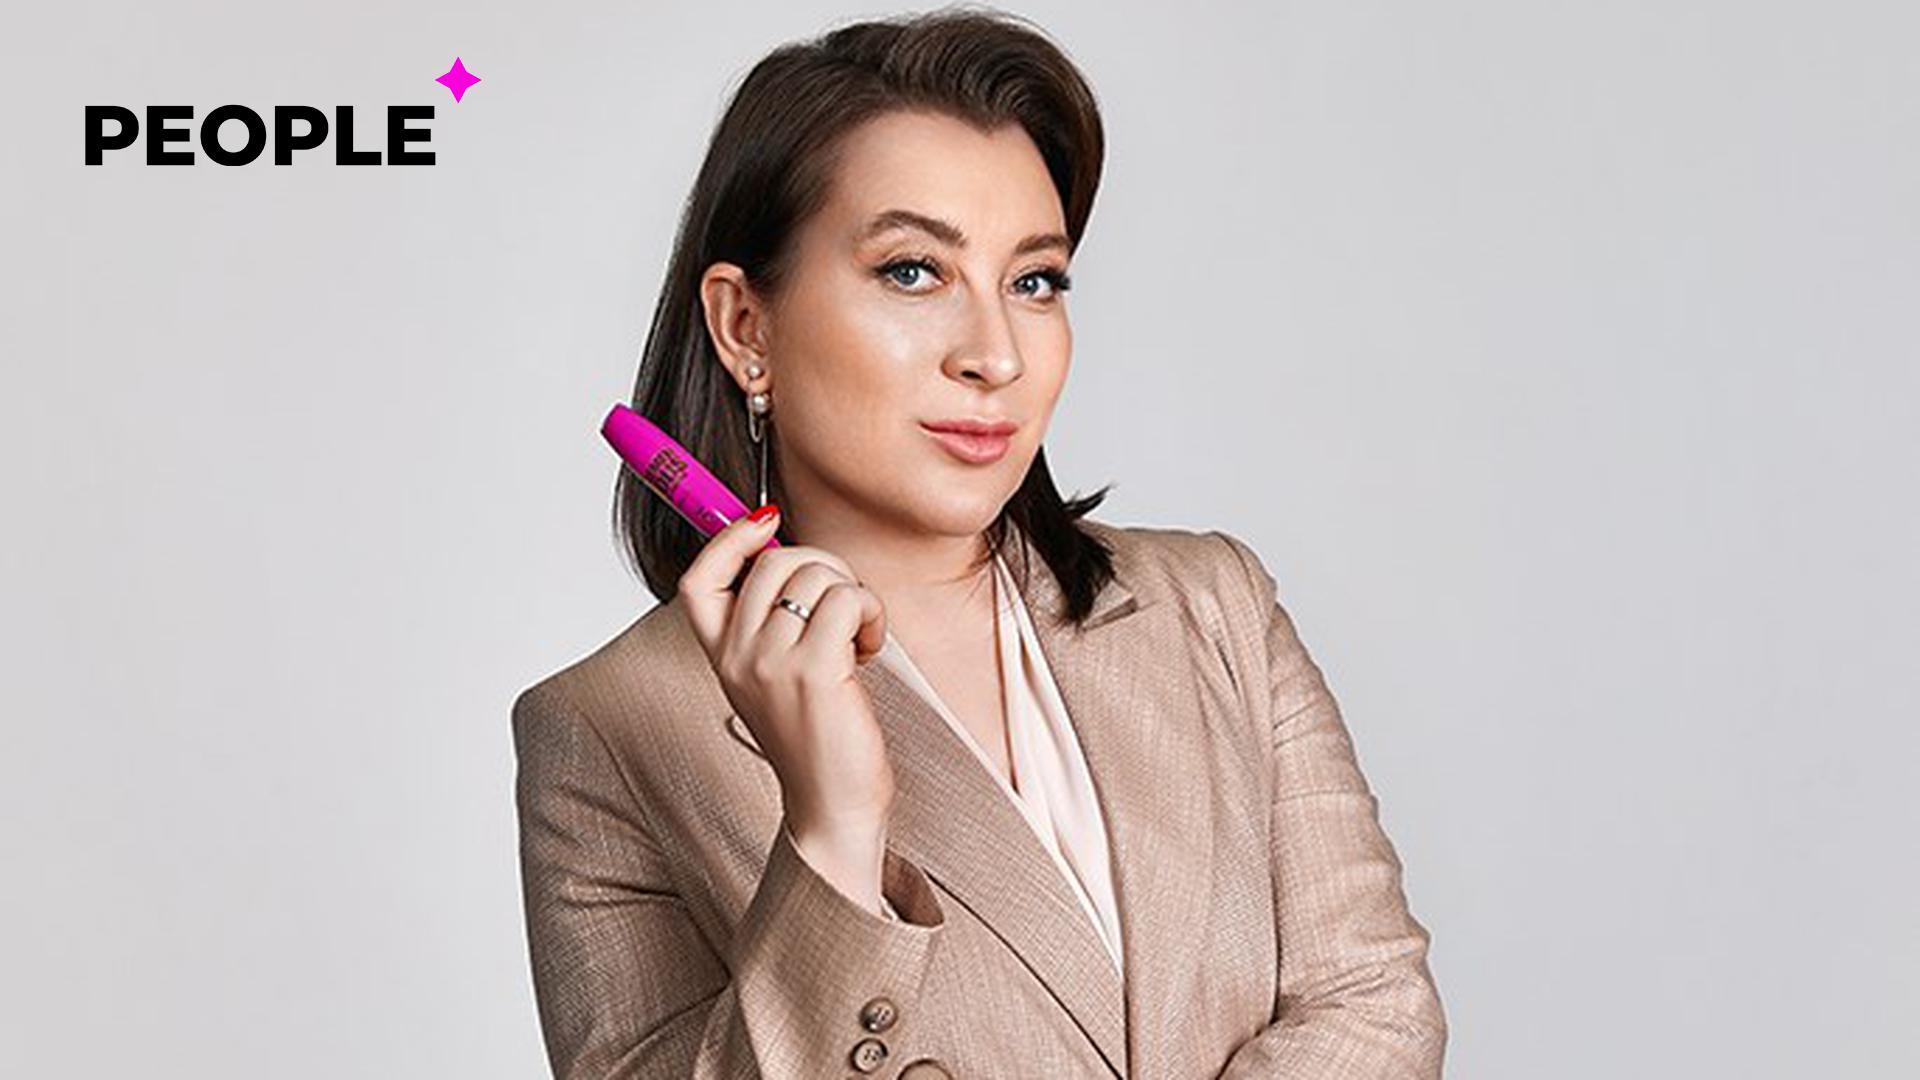 Звездный визажист Ирина Митрошкина впервые даст мастер-класс в Ташкенте